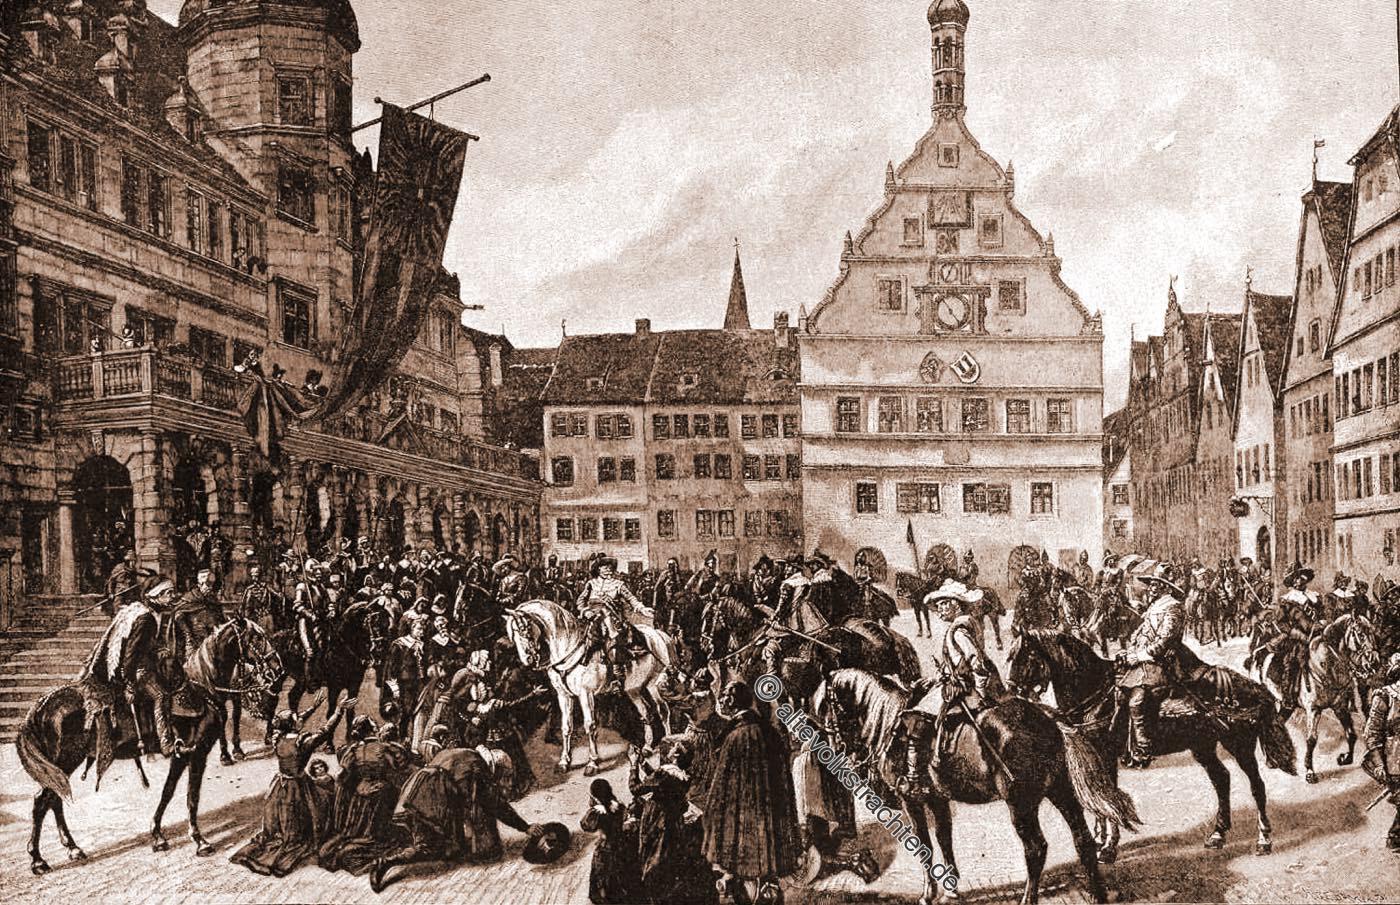 Meistertrunk, Tilly, Rothenburg, tauber, Dreißigjähriger Krieg,